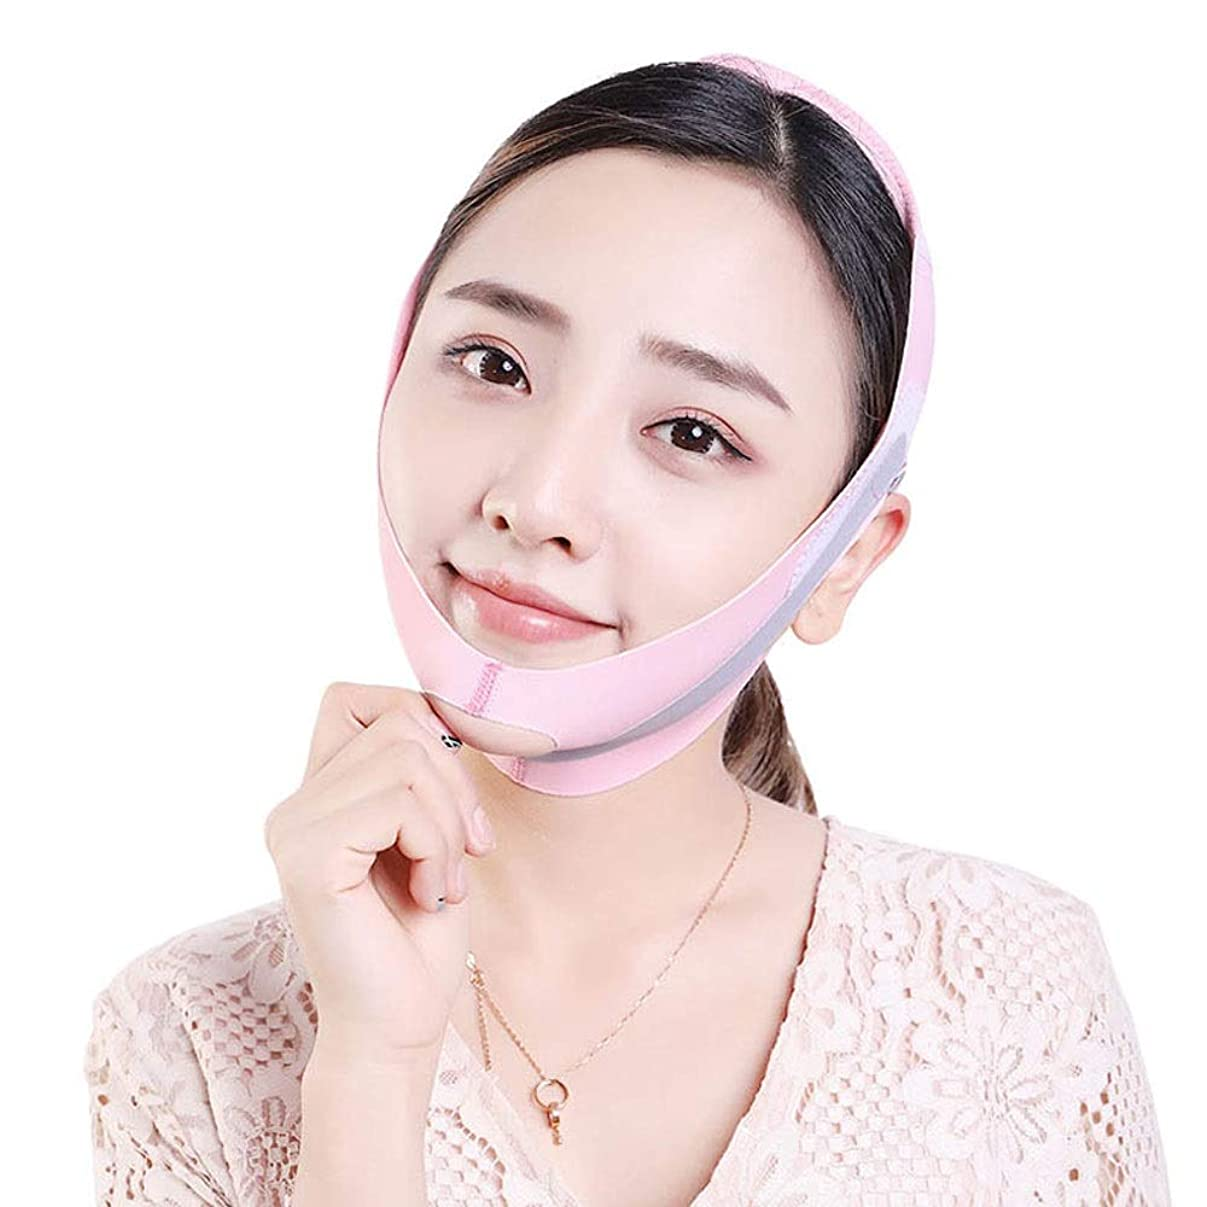 未来家事をする燃やすMinmin たるみを防ぐために顔を持ち上げるために筋肉を引き締めるために二重あごのステッカーとラインを削除するために、顔を持ち上げるアーティファクト包帯があります - ピンク みんみんVラインフェイスマスク